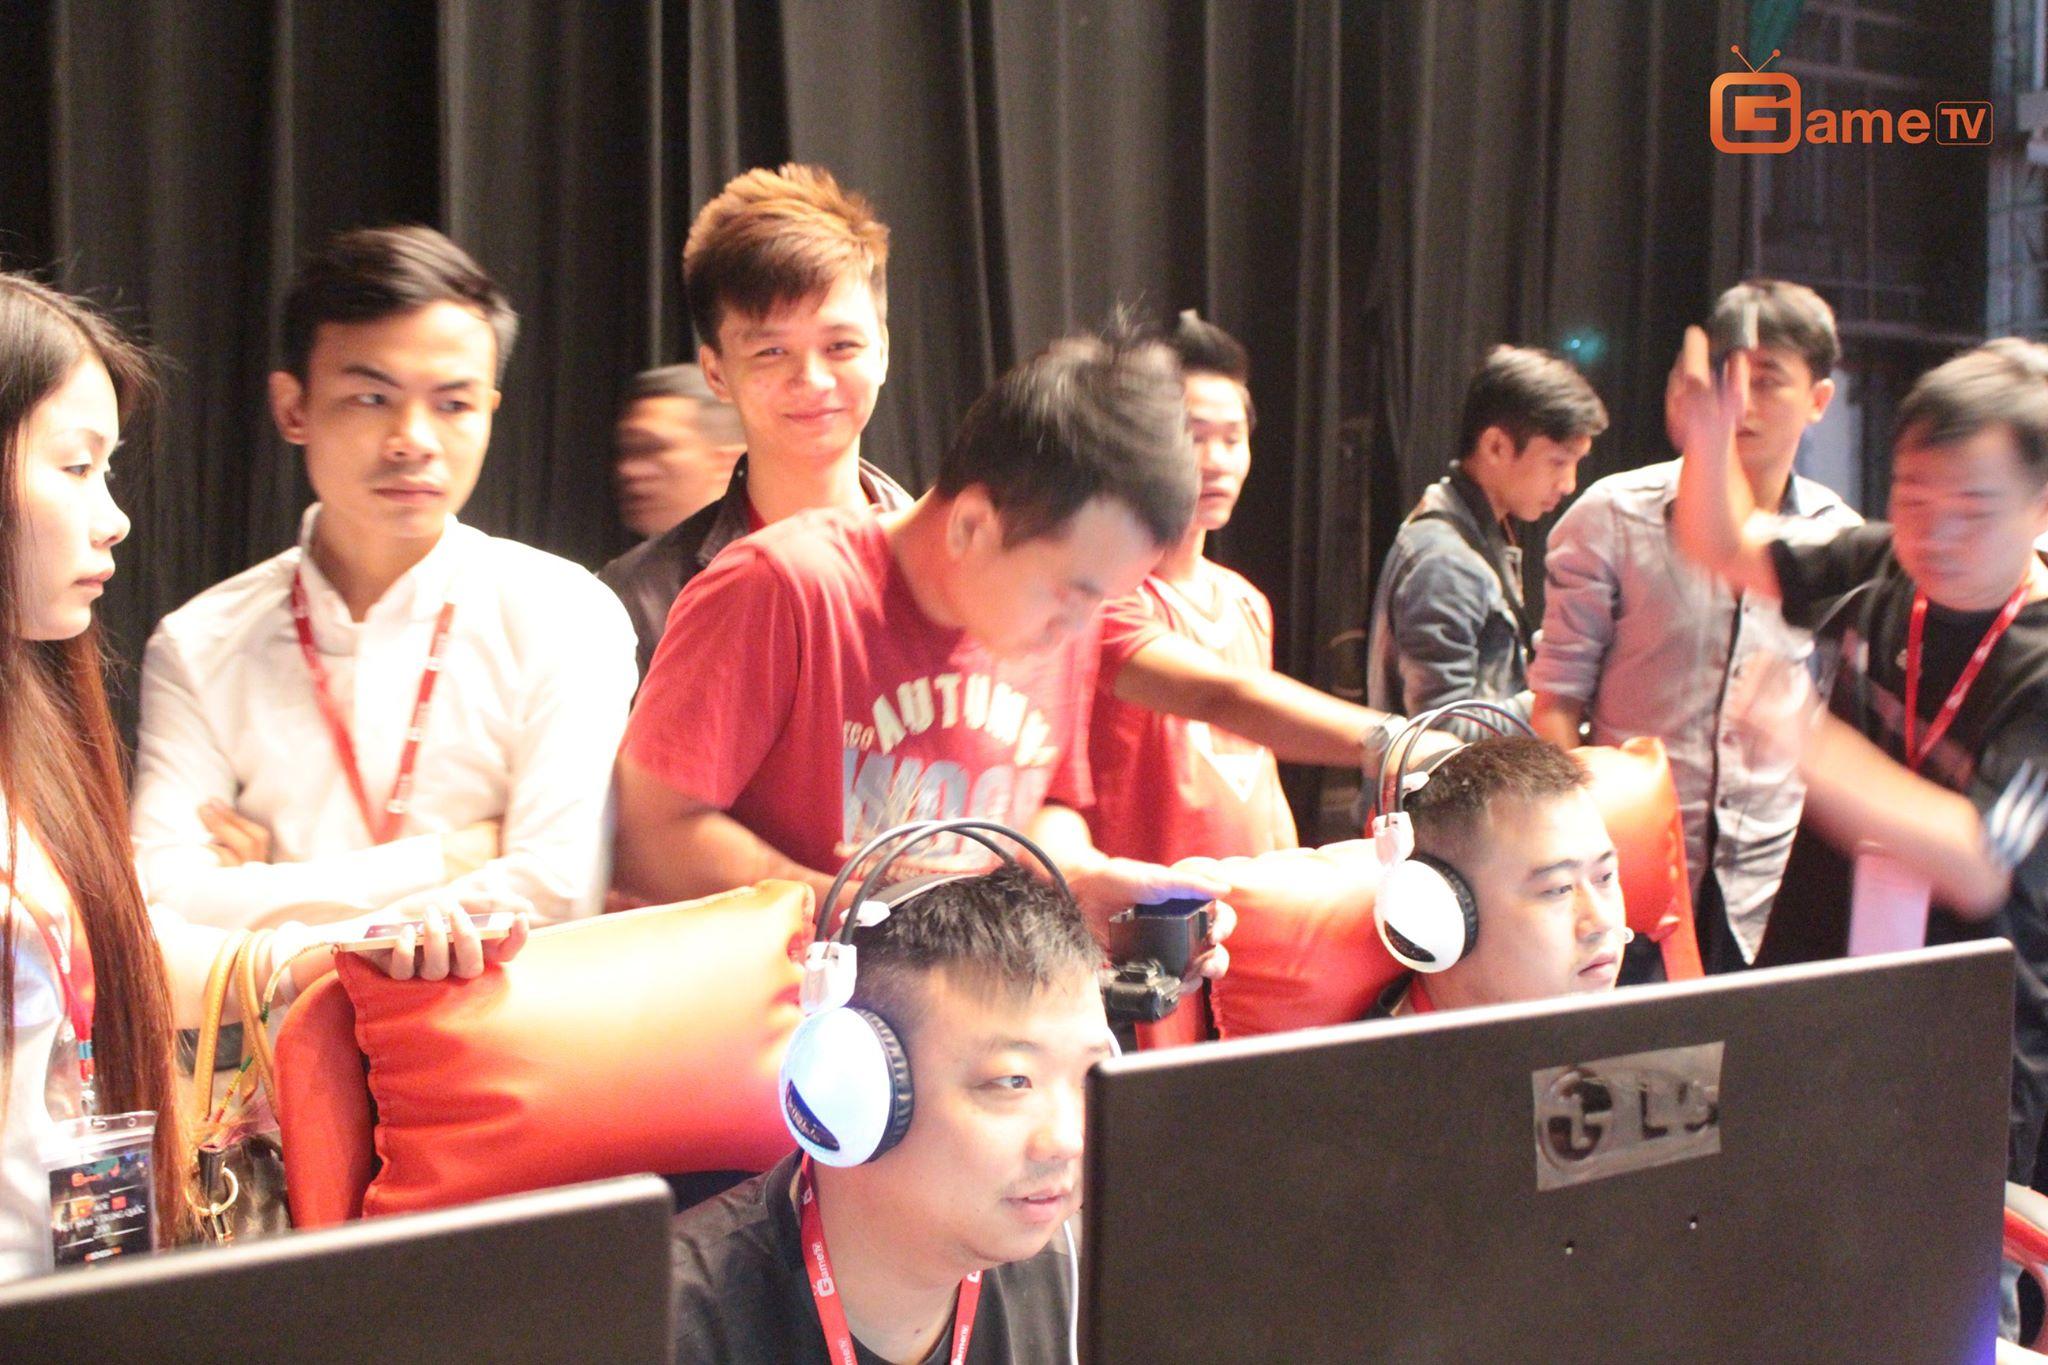 ShenLong rất háo hức và thích thú khi xem Vô Thường thi đấu